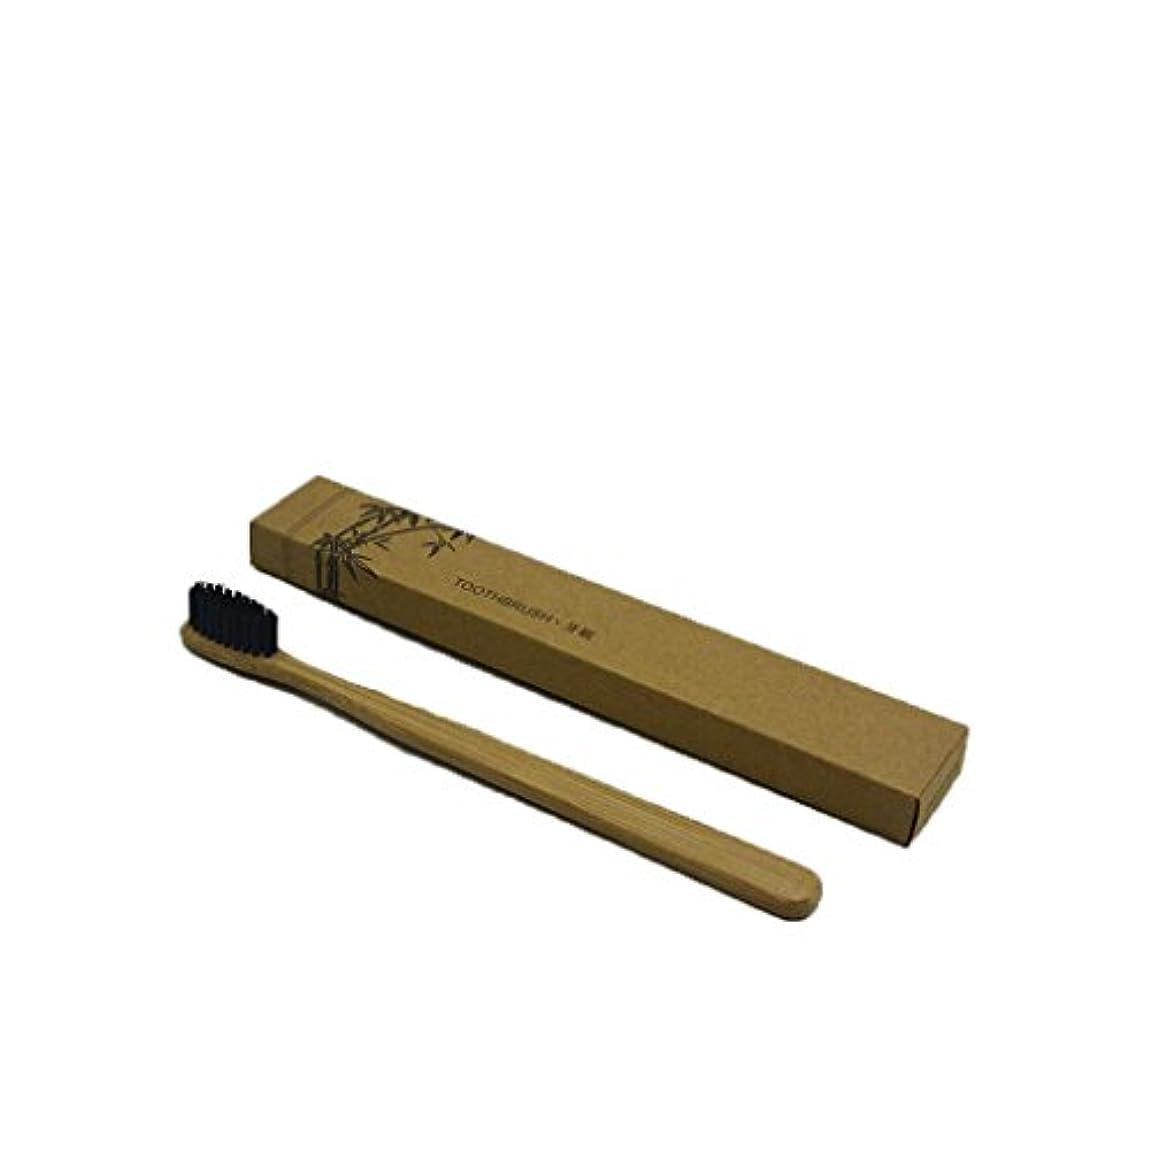 カブ心理的にルネッサンスArichops 竹製歯ブラシ ミディアム及びソフト、生分解性、ビーガン、バイオ、エコ、持続可能な木製ハンドル、ホワイトニング 歯 竹歯ブラシ